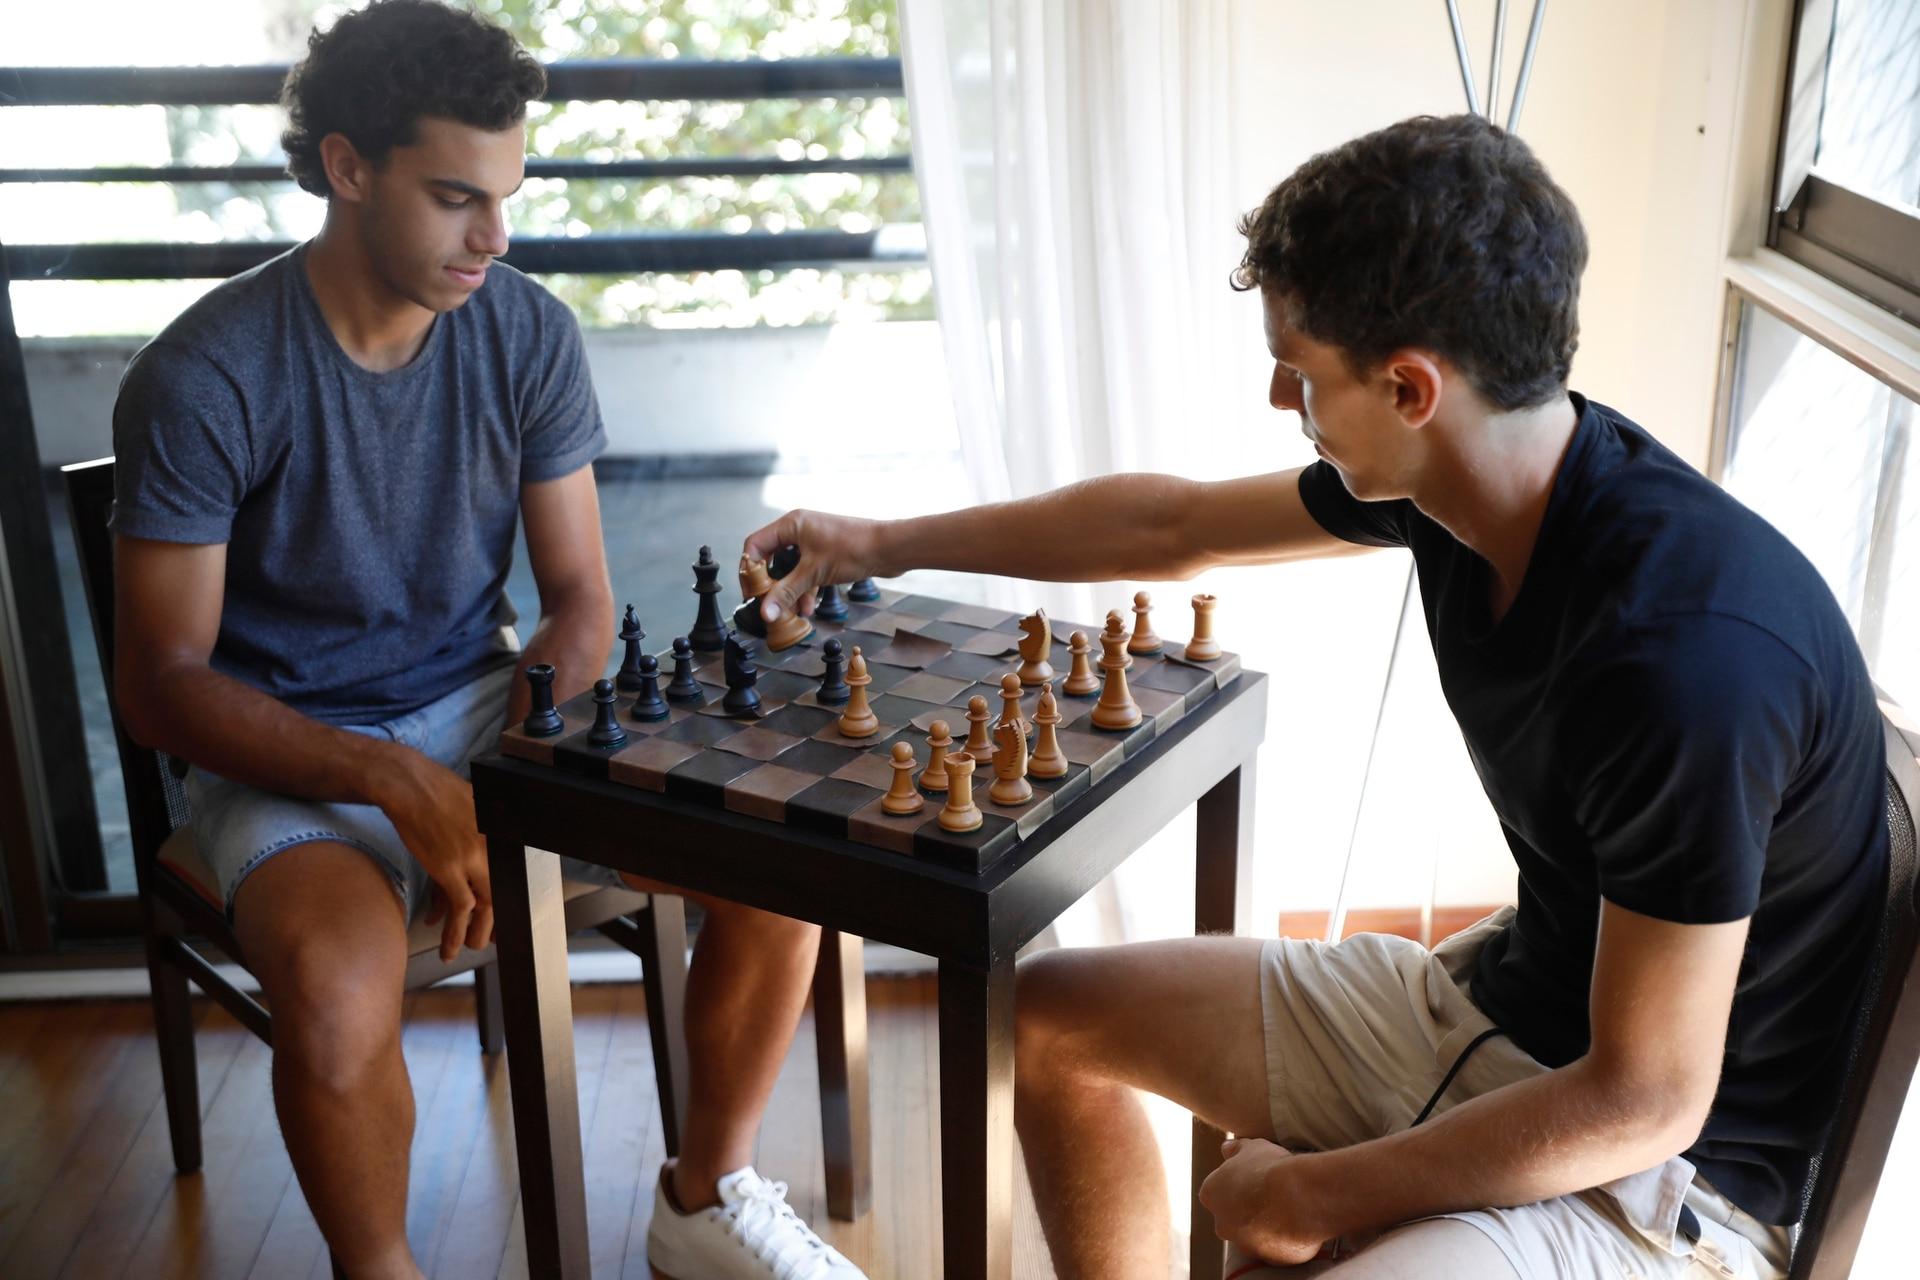 El ajedrez, otra de las actividades que hacen Francisco y Juan Manuel Cerúndolo cuando están en sus casas y no quieren pensar en el tenis por un rato.